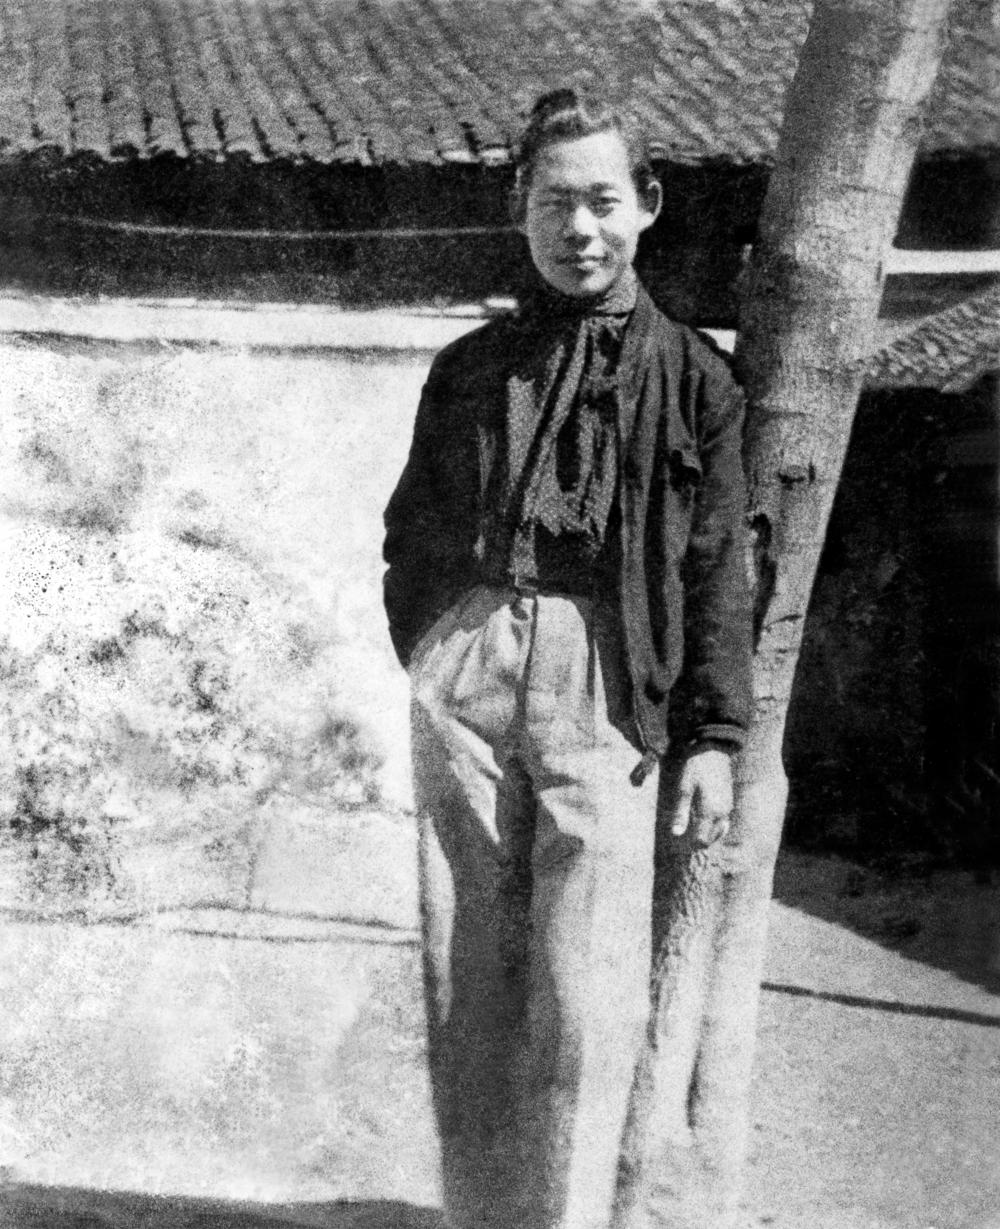 趙無極在杭州美術學院, 1935. All rights reserved